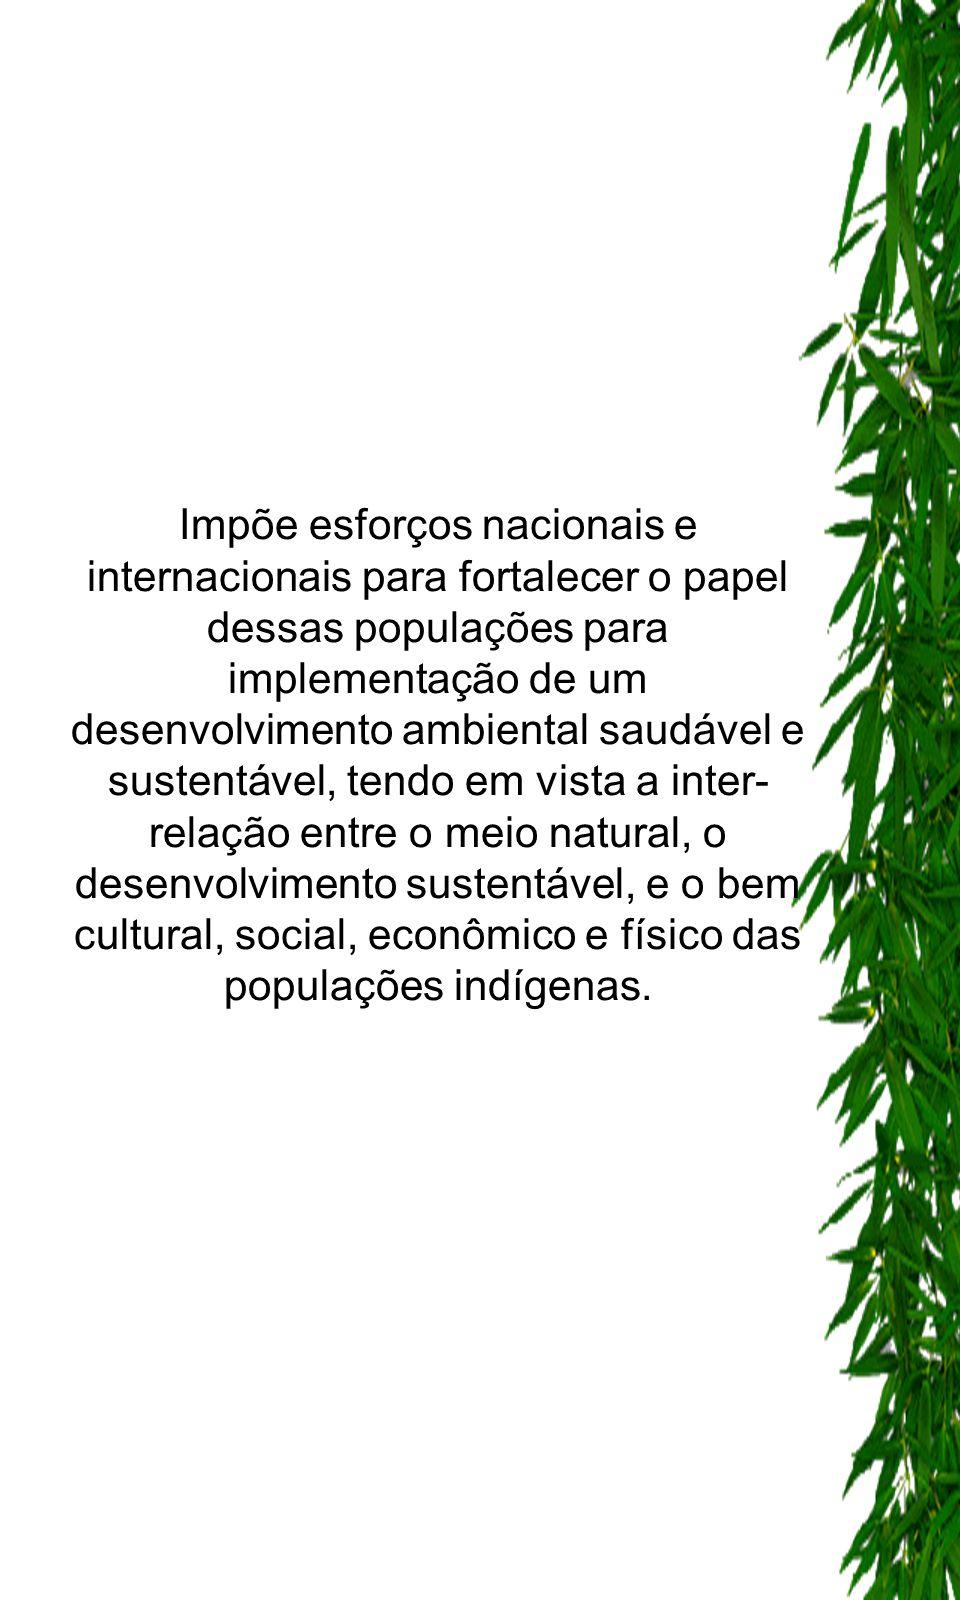 Impõe esforços nacionais e internacionais para fortalecer o papel dessas populações para implementação de um desenvolvimento ambiental saudável e sust